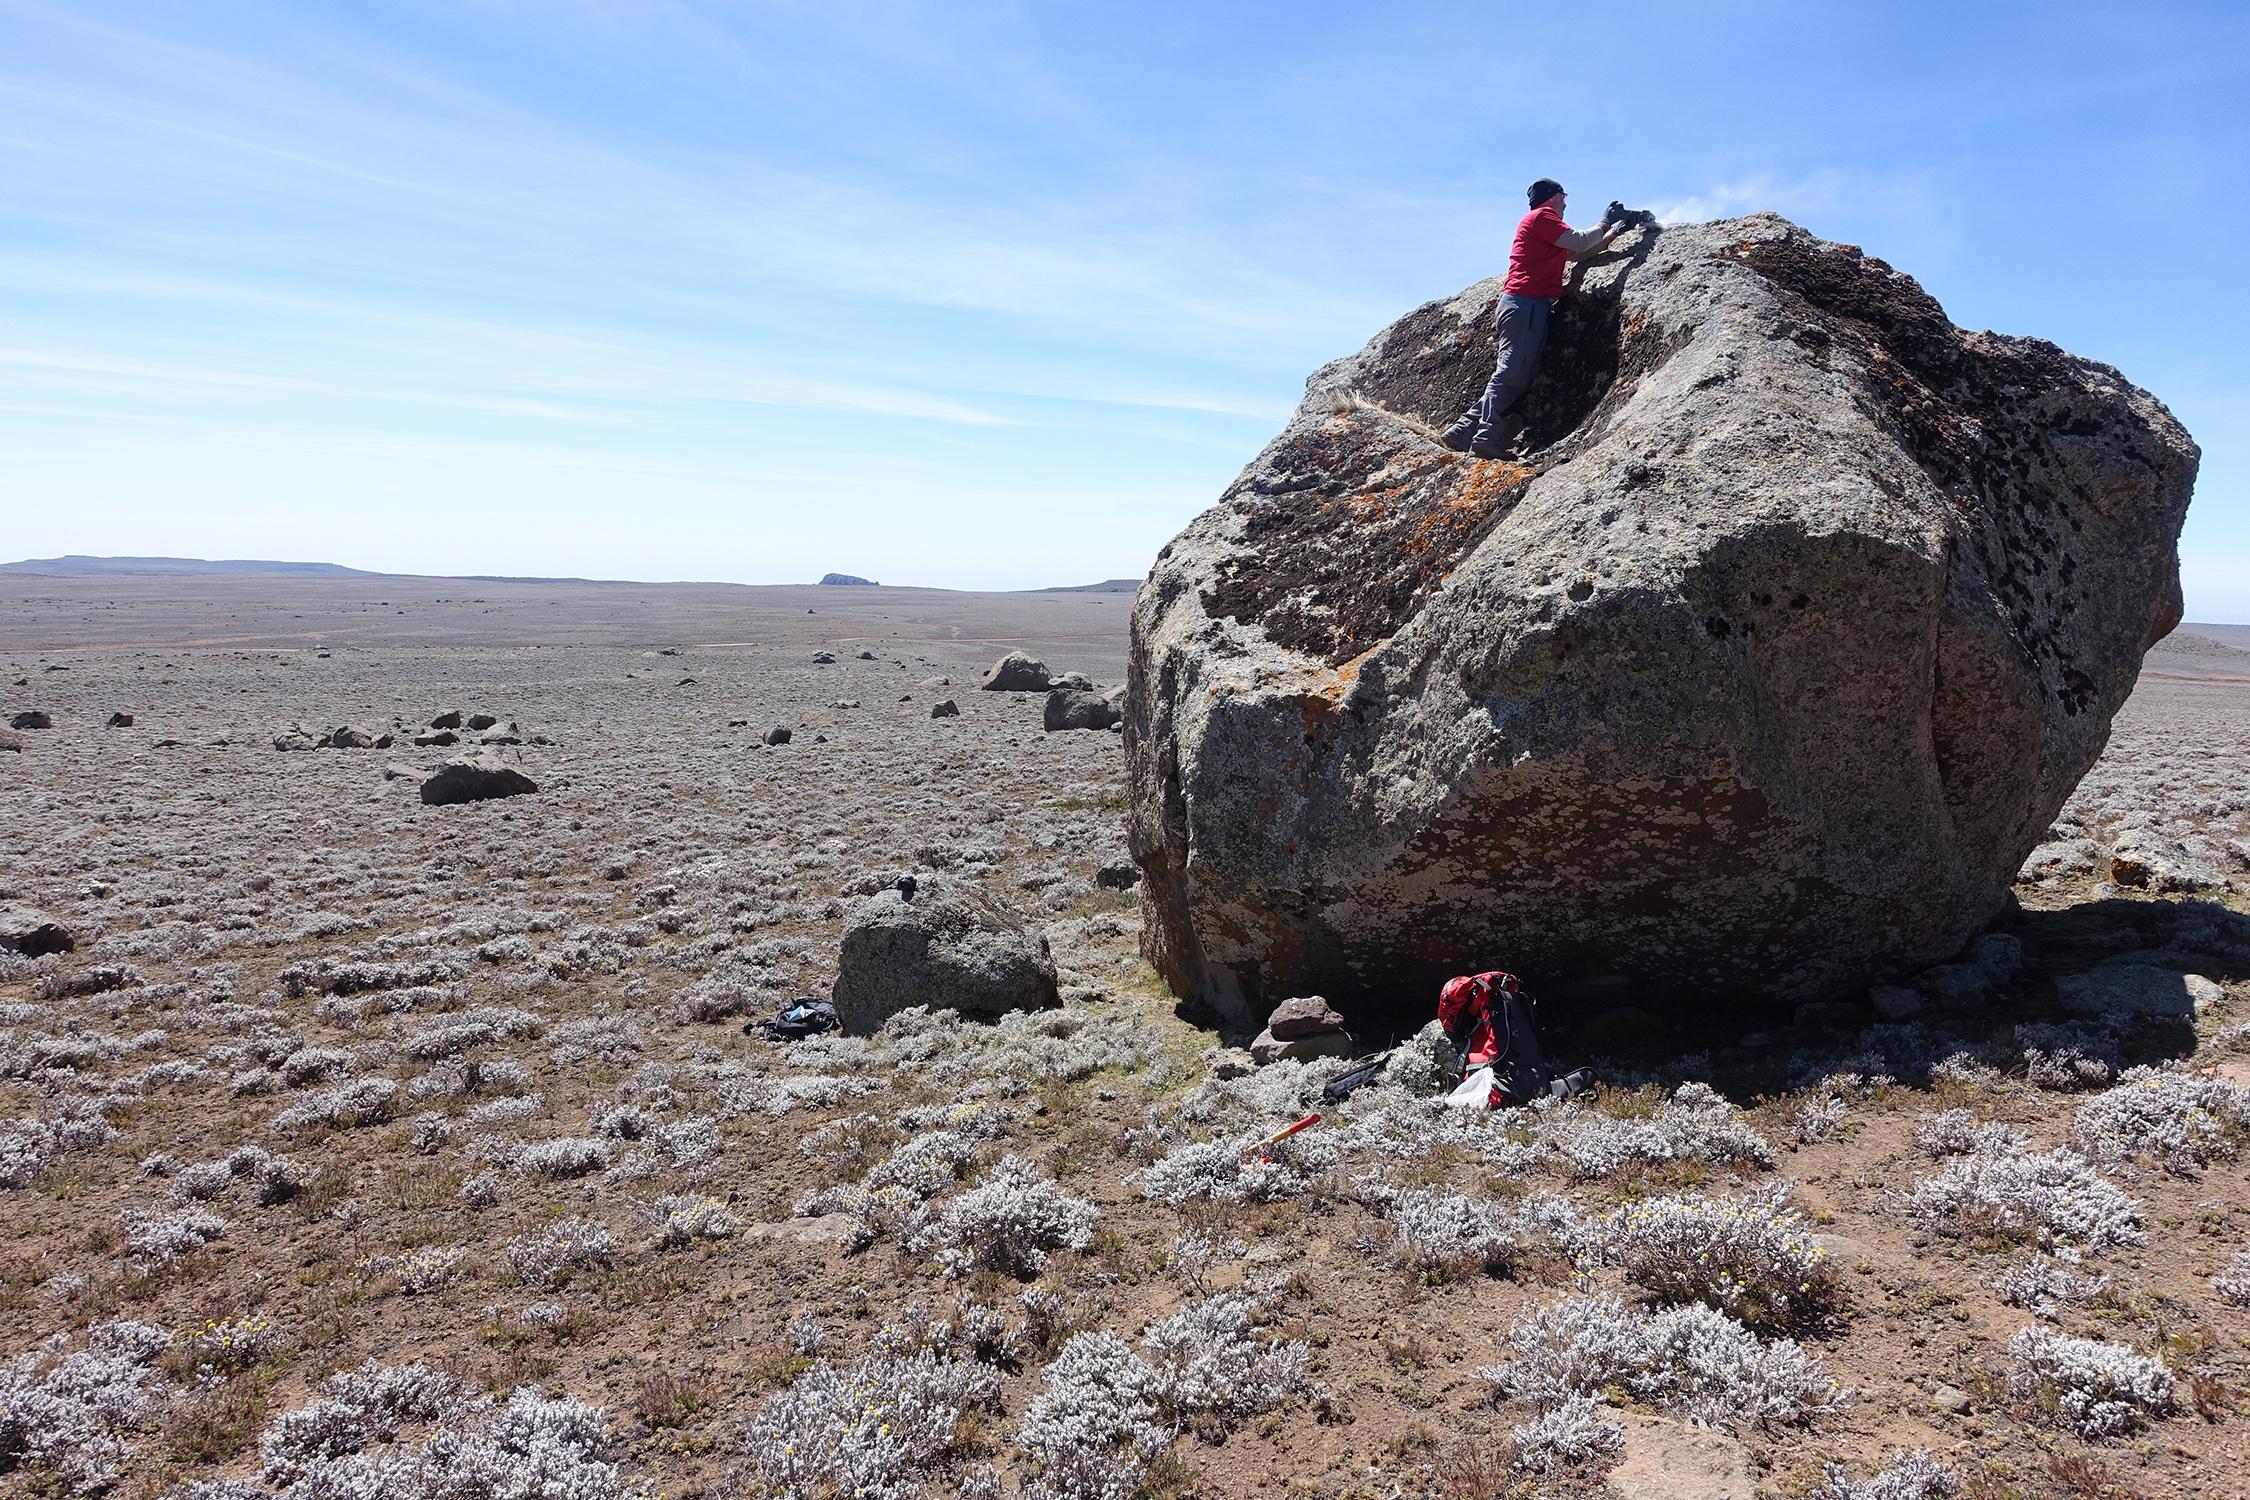 Probennahme eines Erratischen Blocks, der von einem Gletscher auf dem Sanetti Plateau abgelagert wurde. Die Probe wurde anschliessend im Labor analysiert und datiert, um den Zeitpunkt des Gletschervorstosses zu rekonstruieren. Bild: Alexander Groos